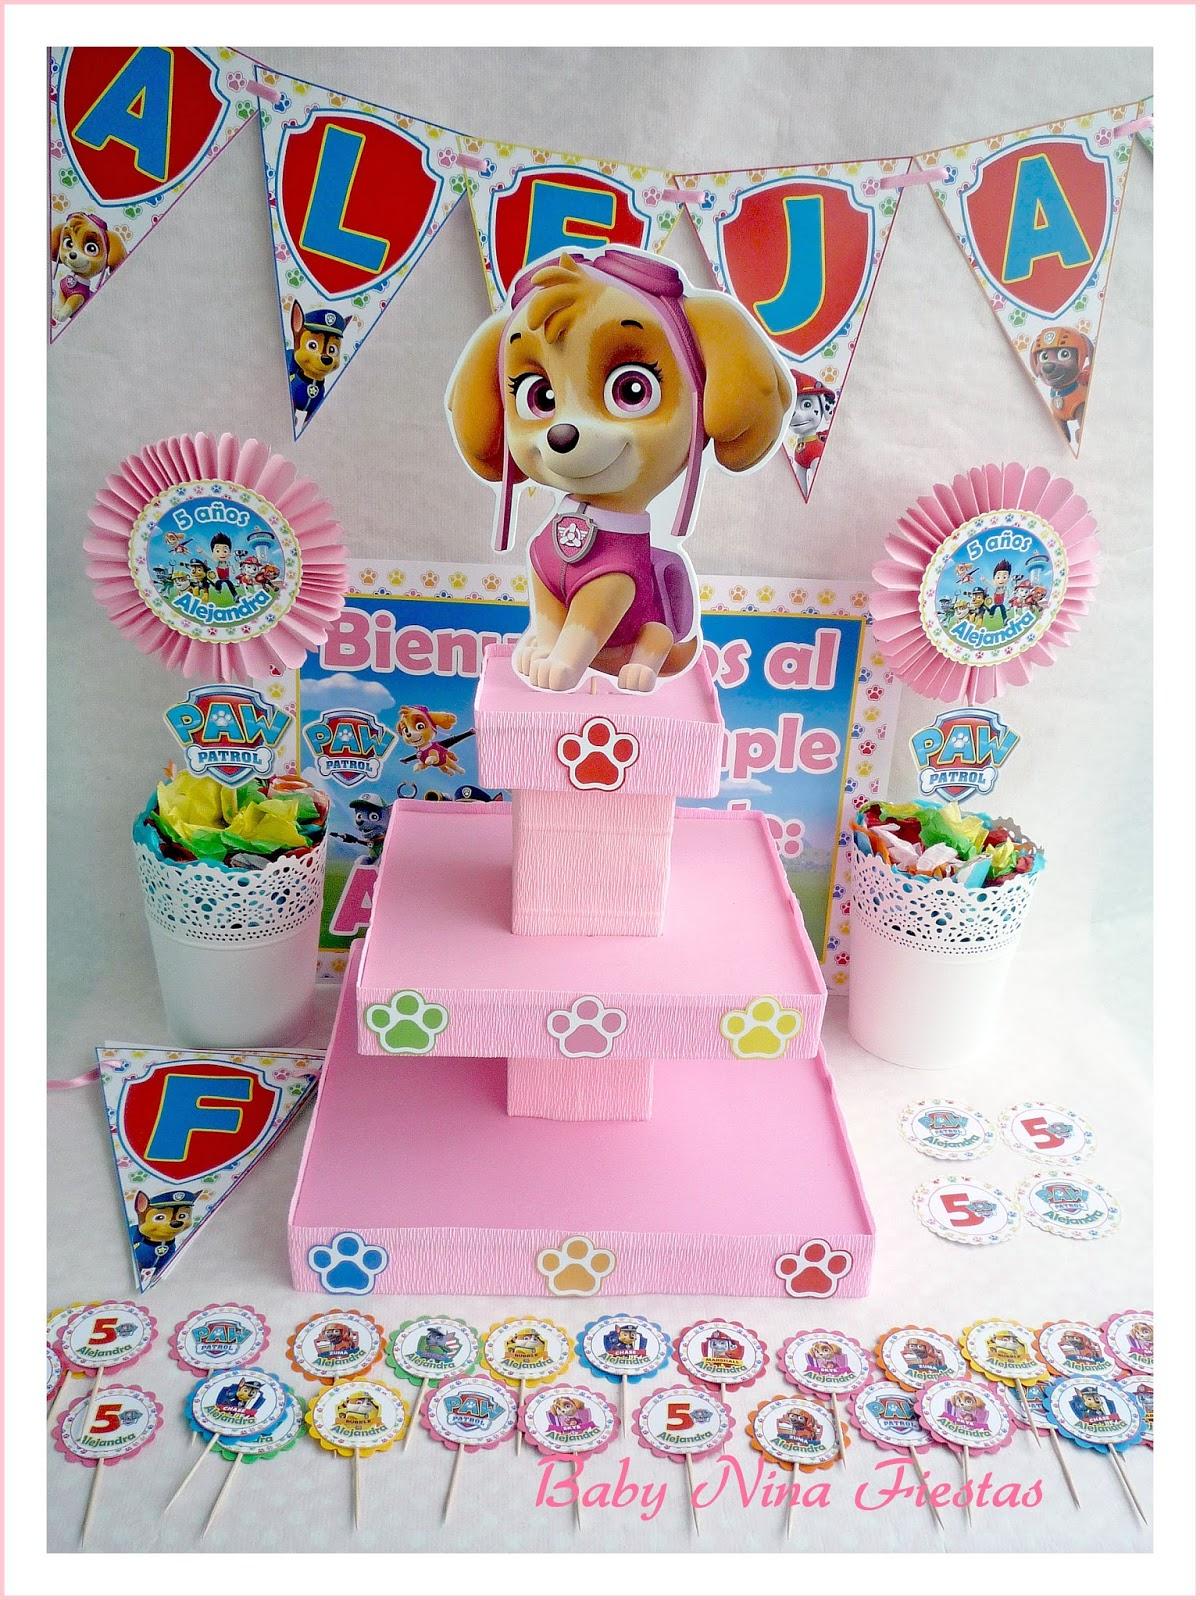 Baby nina fiestas kit de cumplea os patrulla canina sky - Manualidades patrulla canina ...